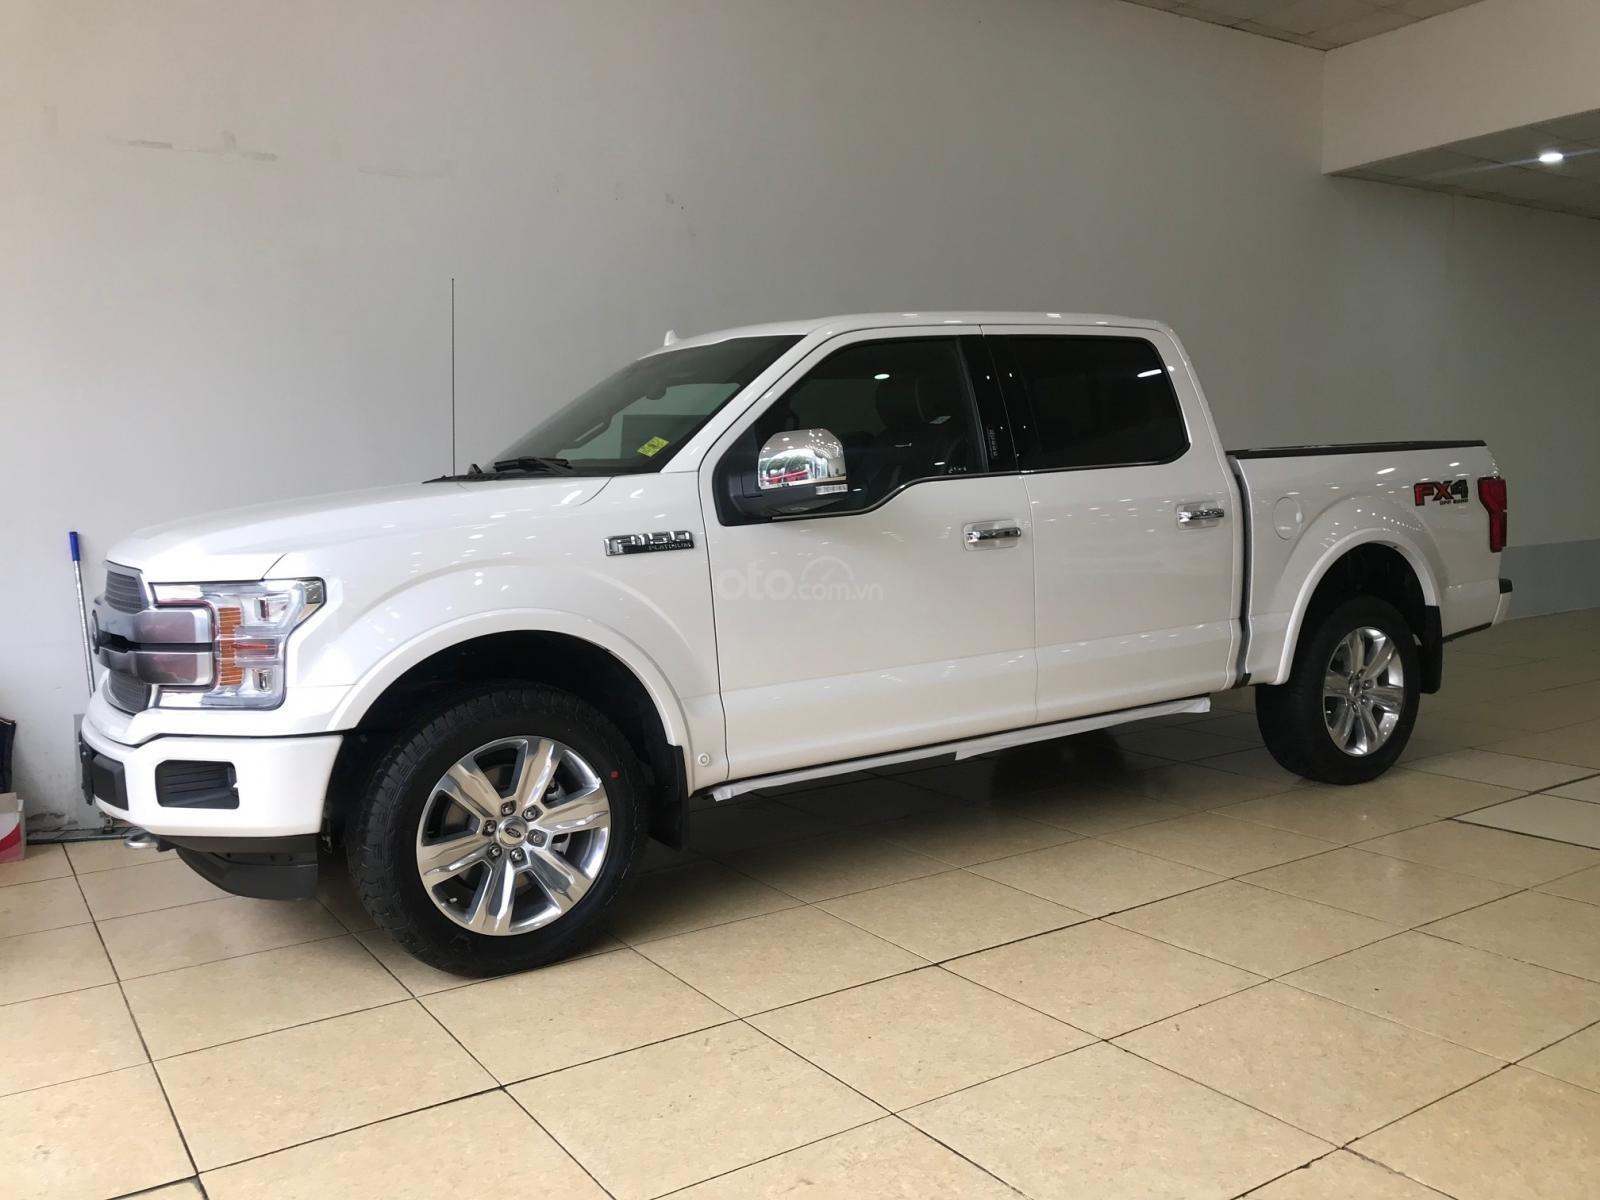 Bán Ford F 150 sản xuất Mỹ, đẳng cấp bán tải, xe giao ngay, LH 0904754444 (3)